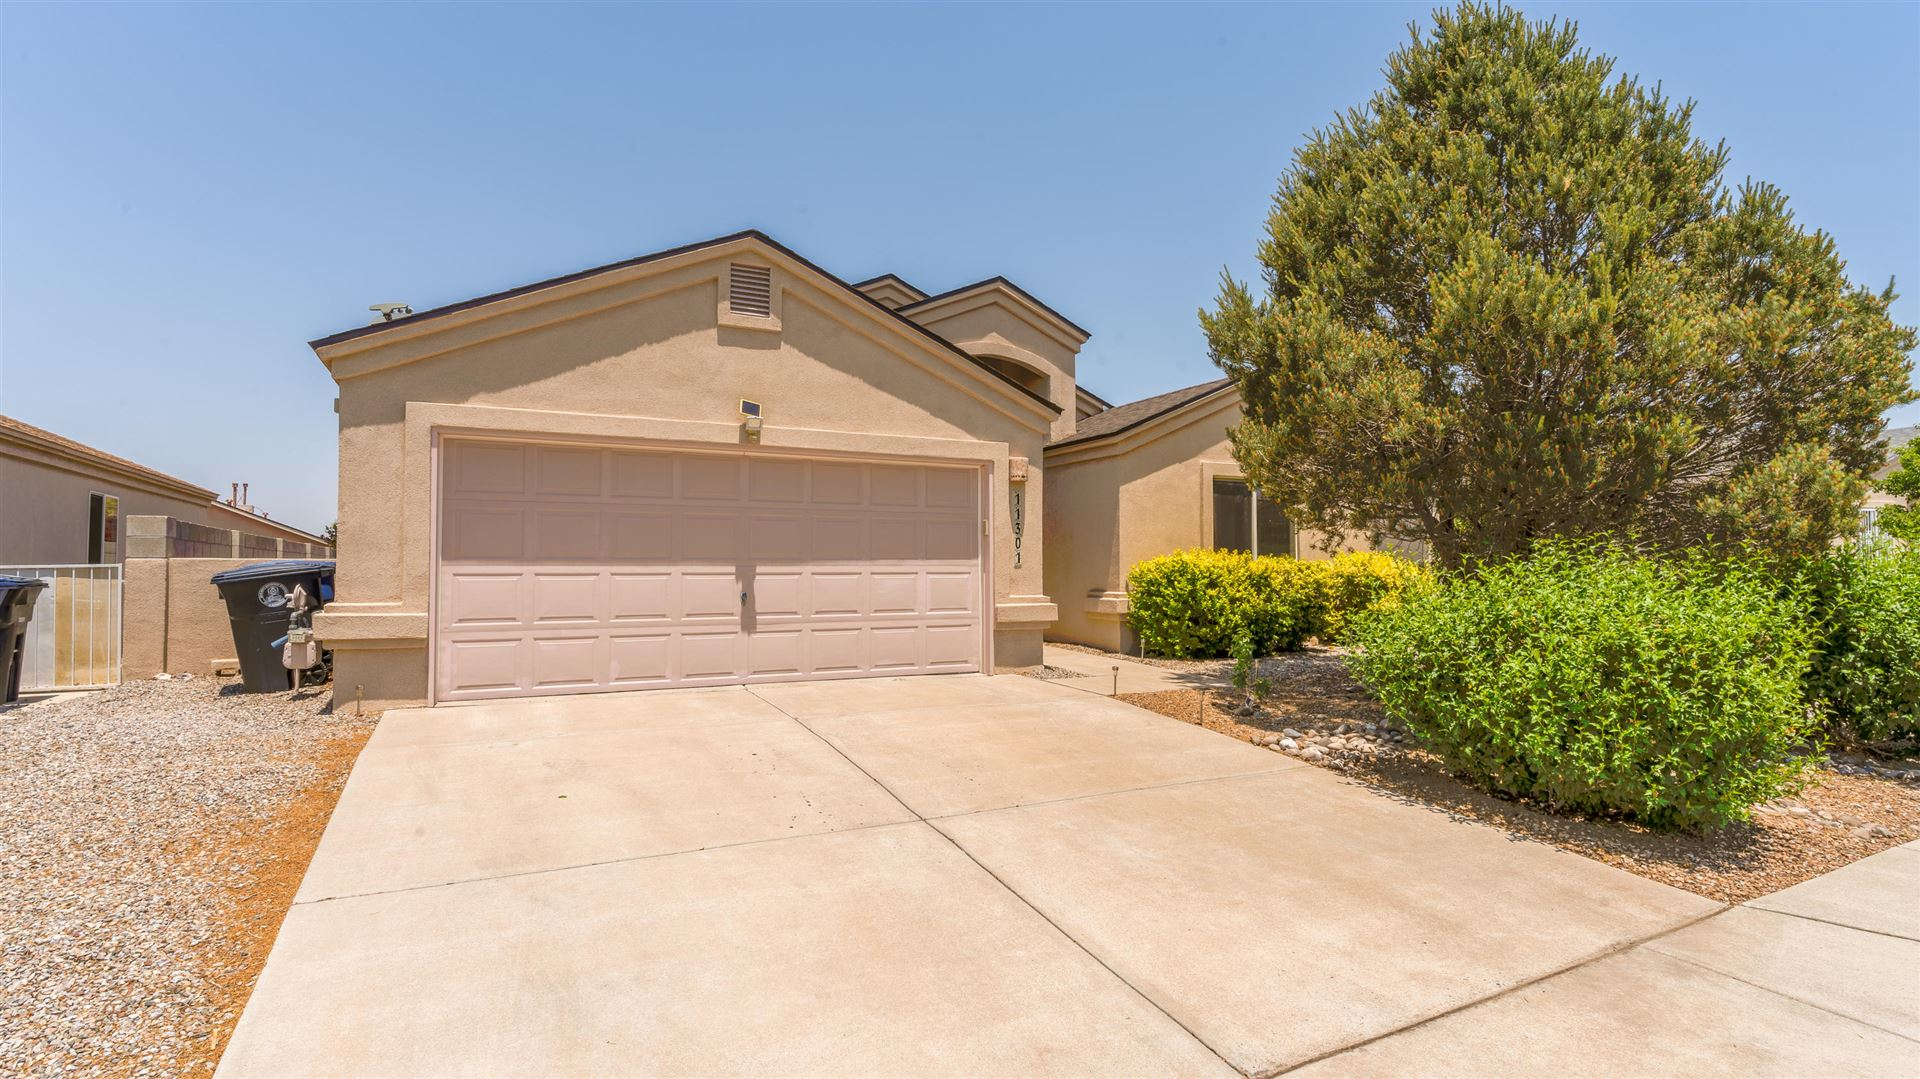 Photo of 11301 OCEOLA Road SE, Albuquerque, NM 87123 (MLS # 994689)